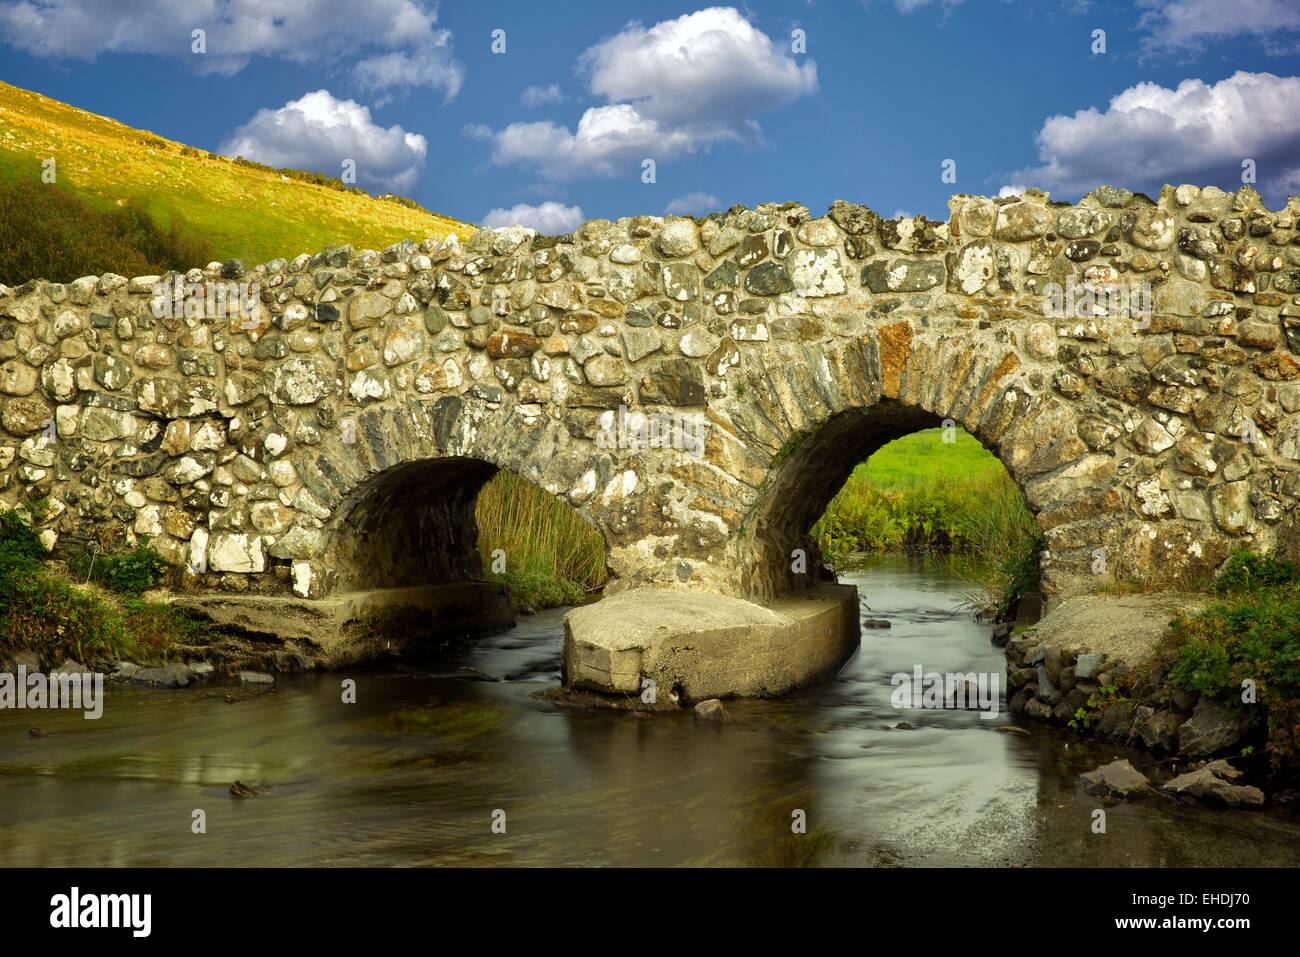 LEAM Brücke in der Nähe von Oughterard, Irland. Der ruhige Mann im Film Stockbild